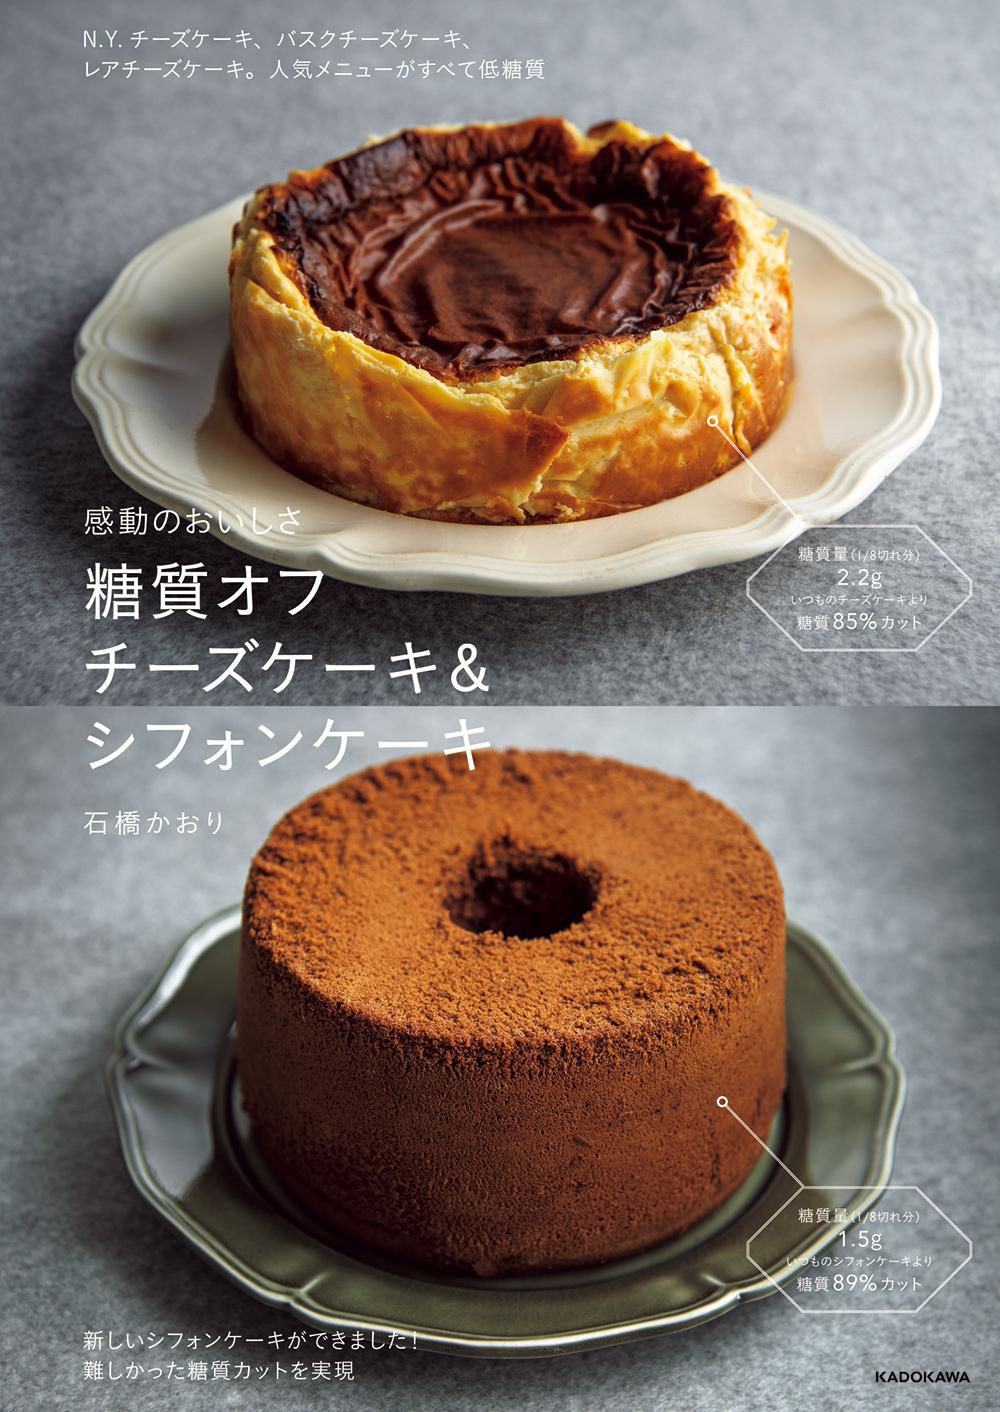 感動のおいしさ 糖質オフ チーズケーキ&シフォンケーキ 1,430円